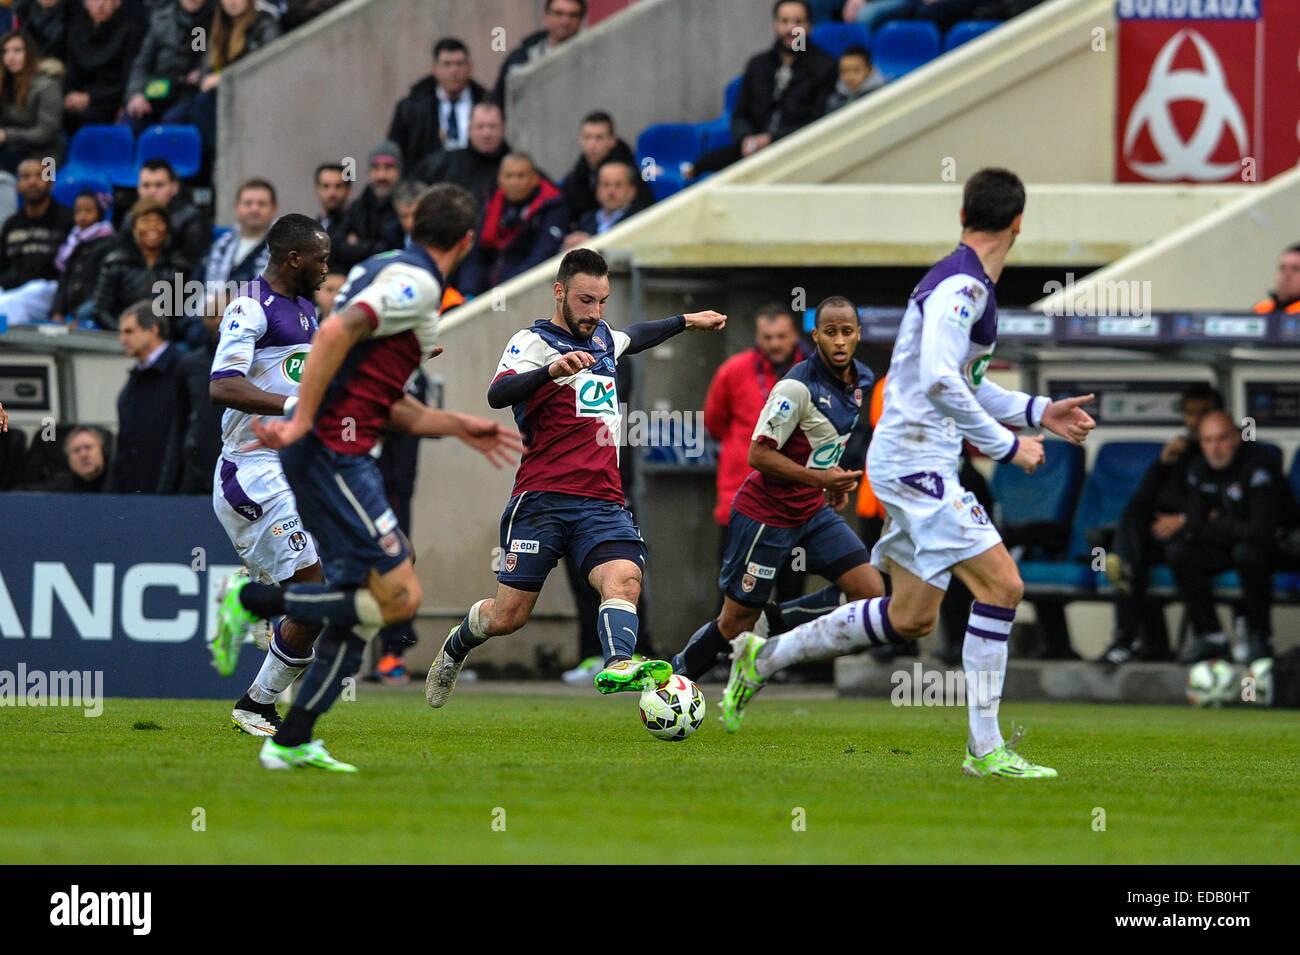 Bordeaux, Francia. 04 gen 2015. French League Cup Calcio. Bordeaux rispetto a Tolosa. Diego Contento (bordeaux) Immagini Stock